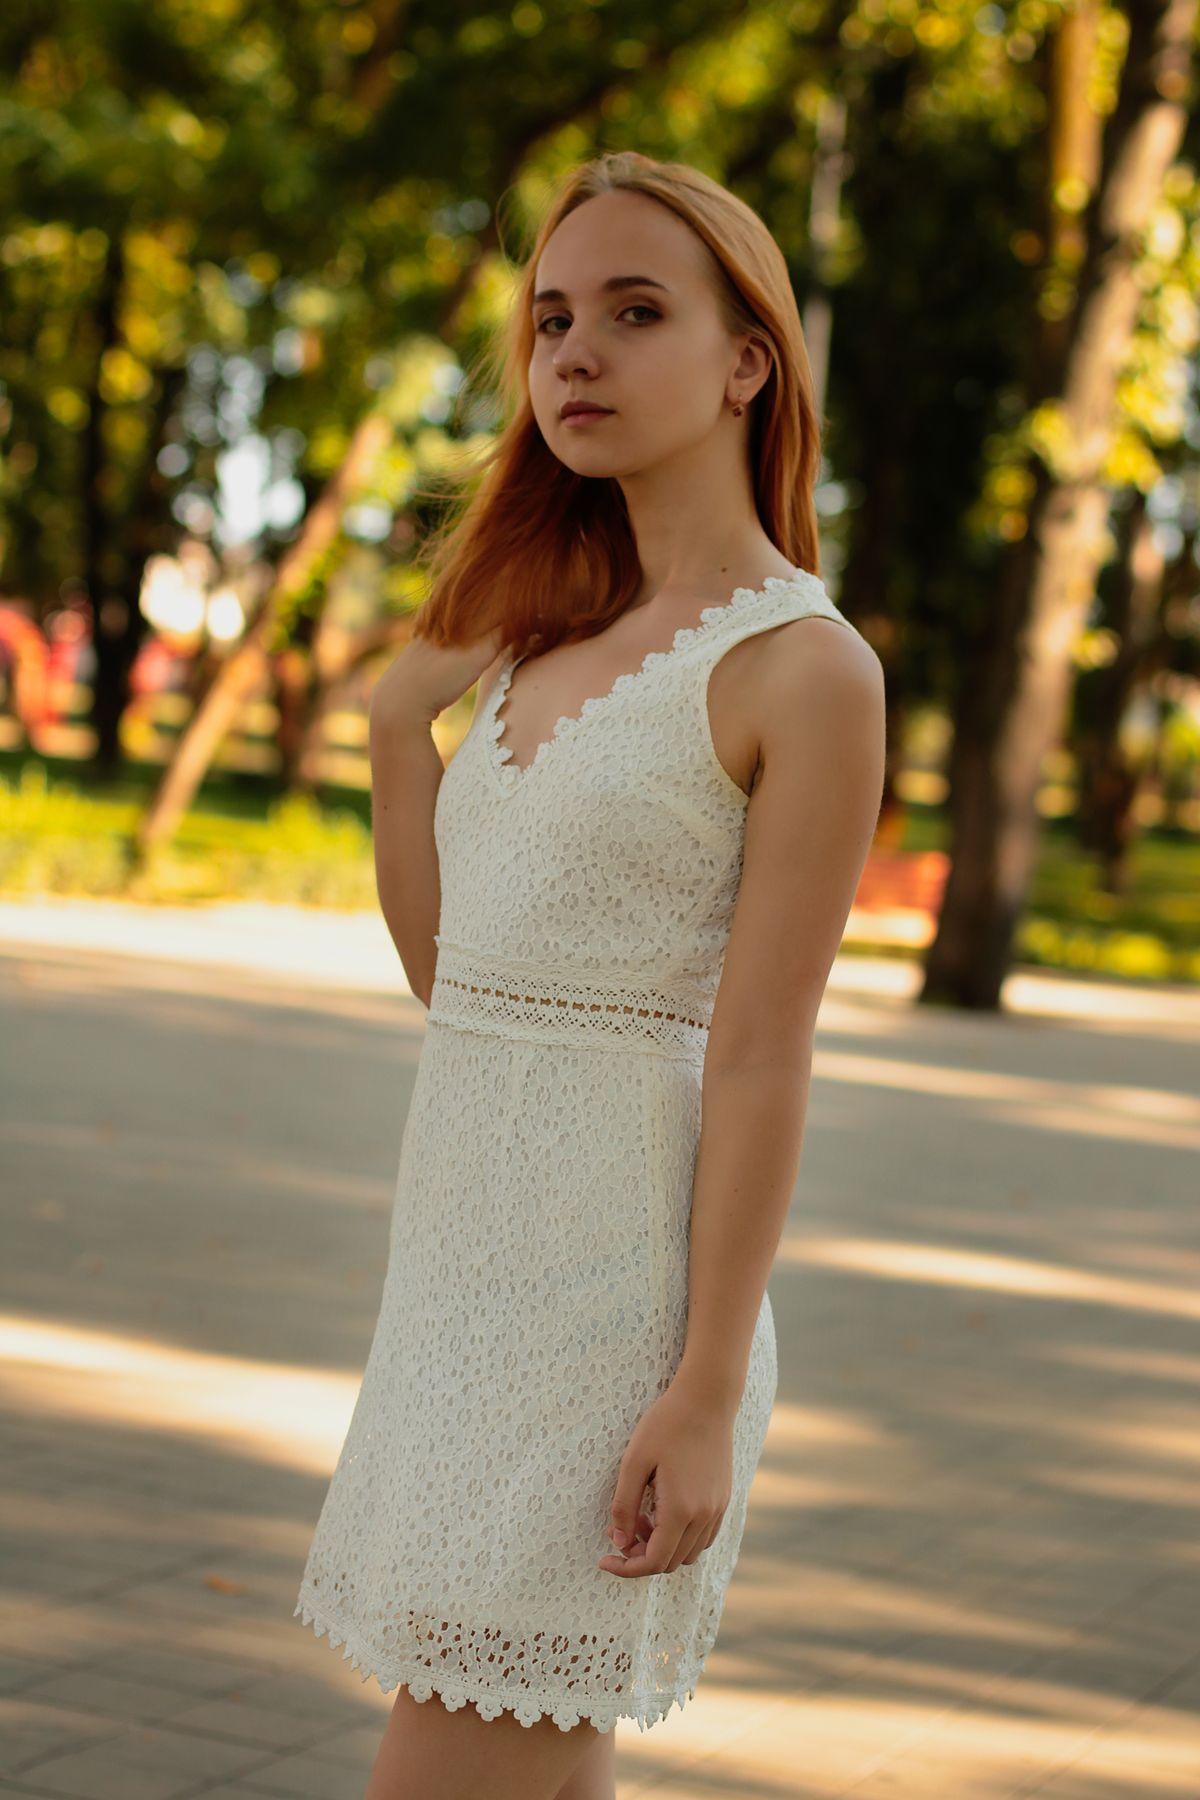 В белом платье... девушка лето прогулка